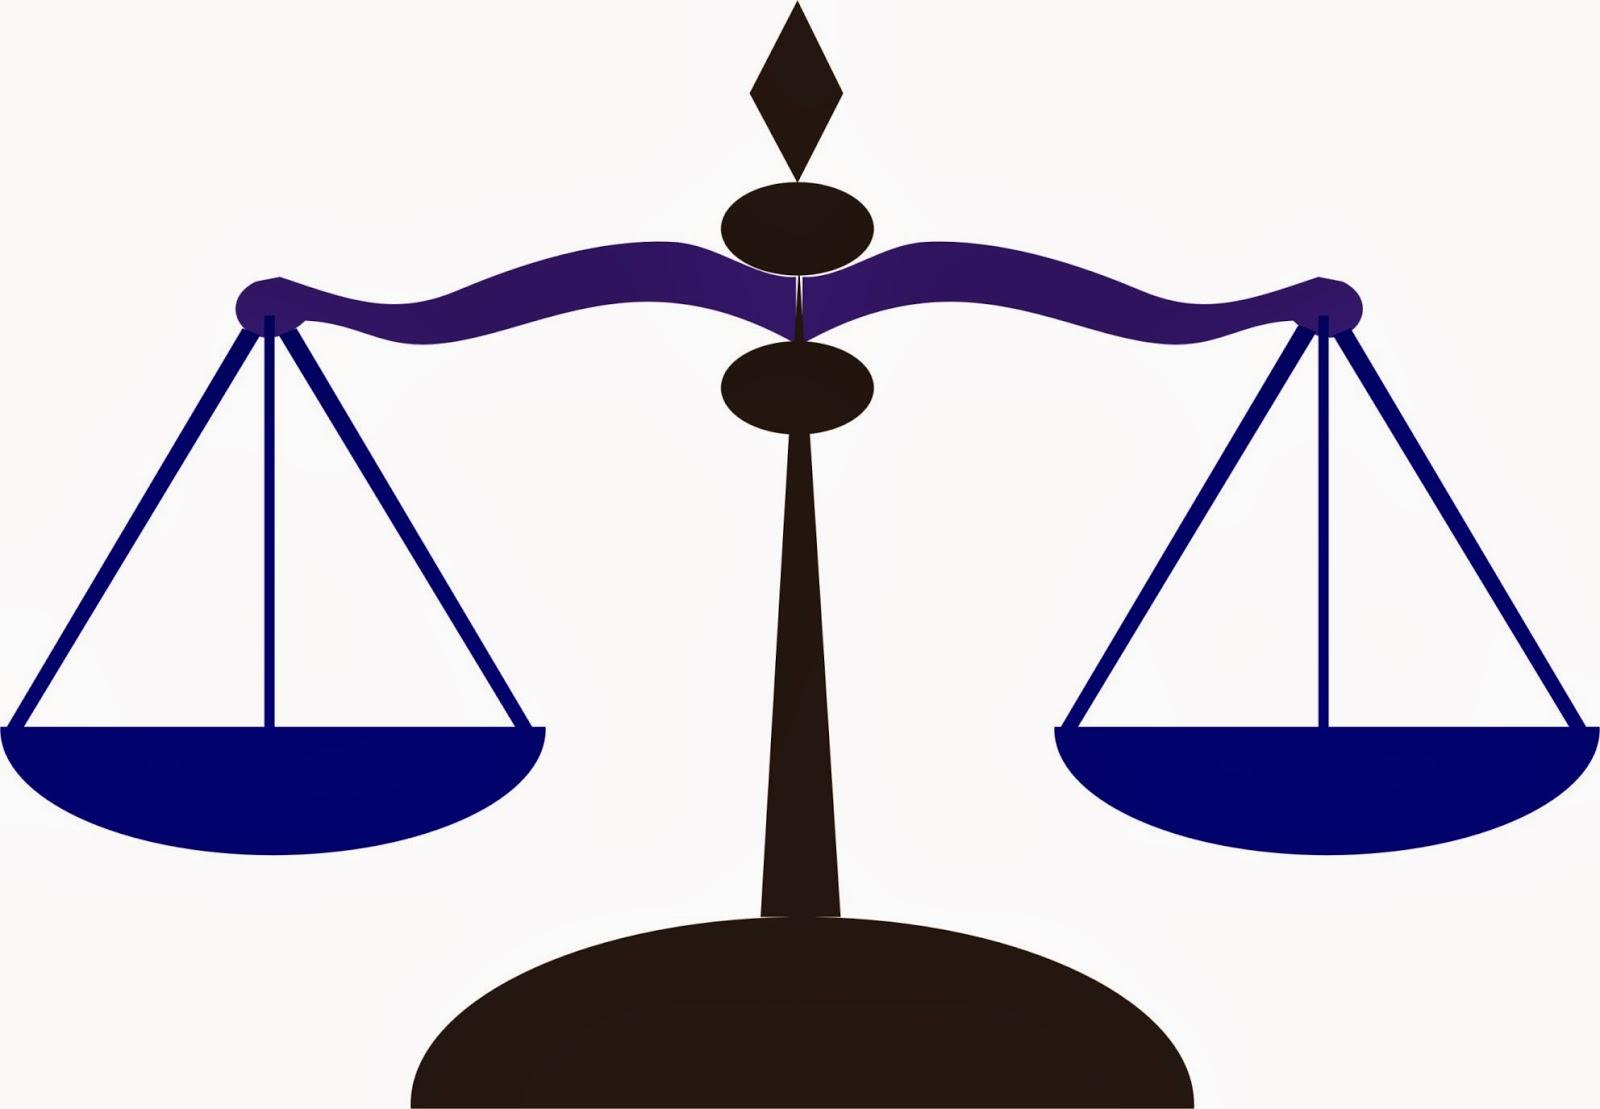 kantor advokat logo 5342079 academiasalamancainfo